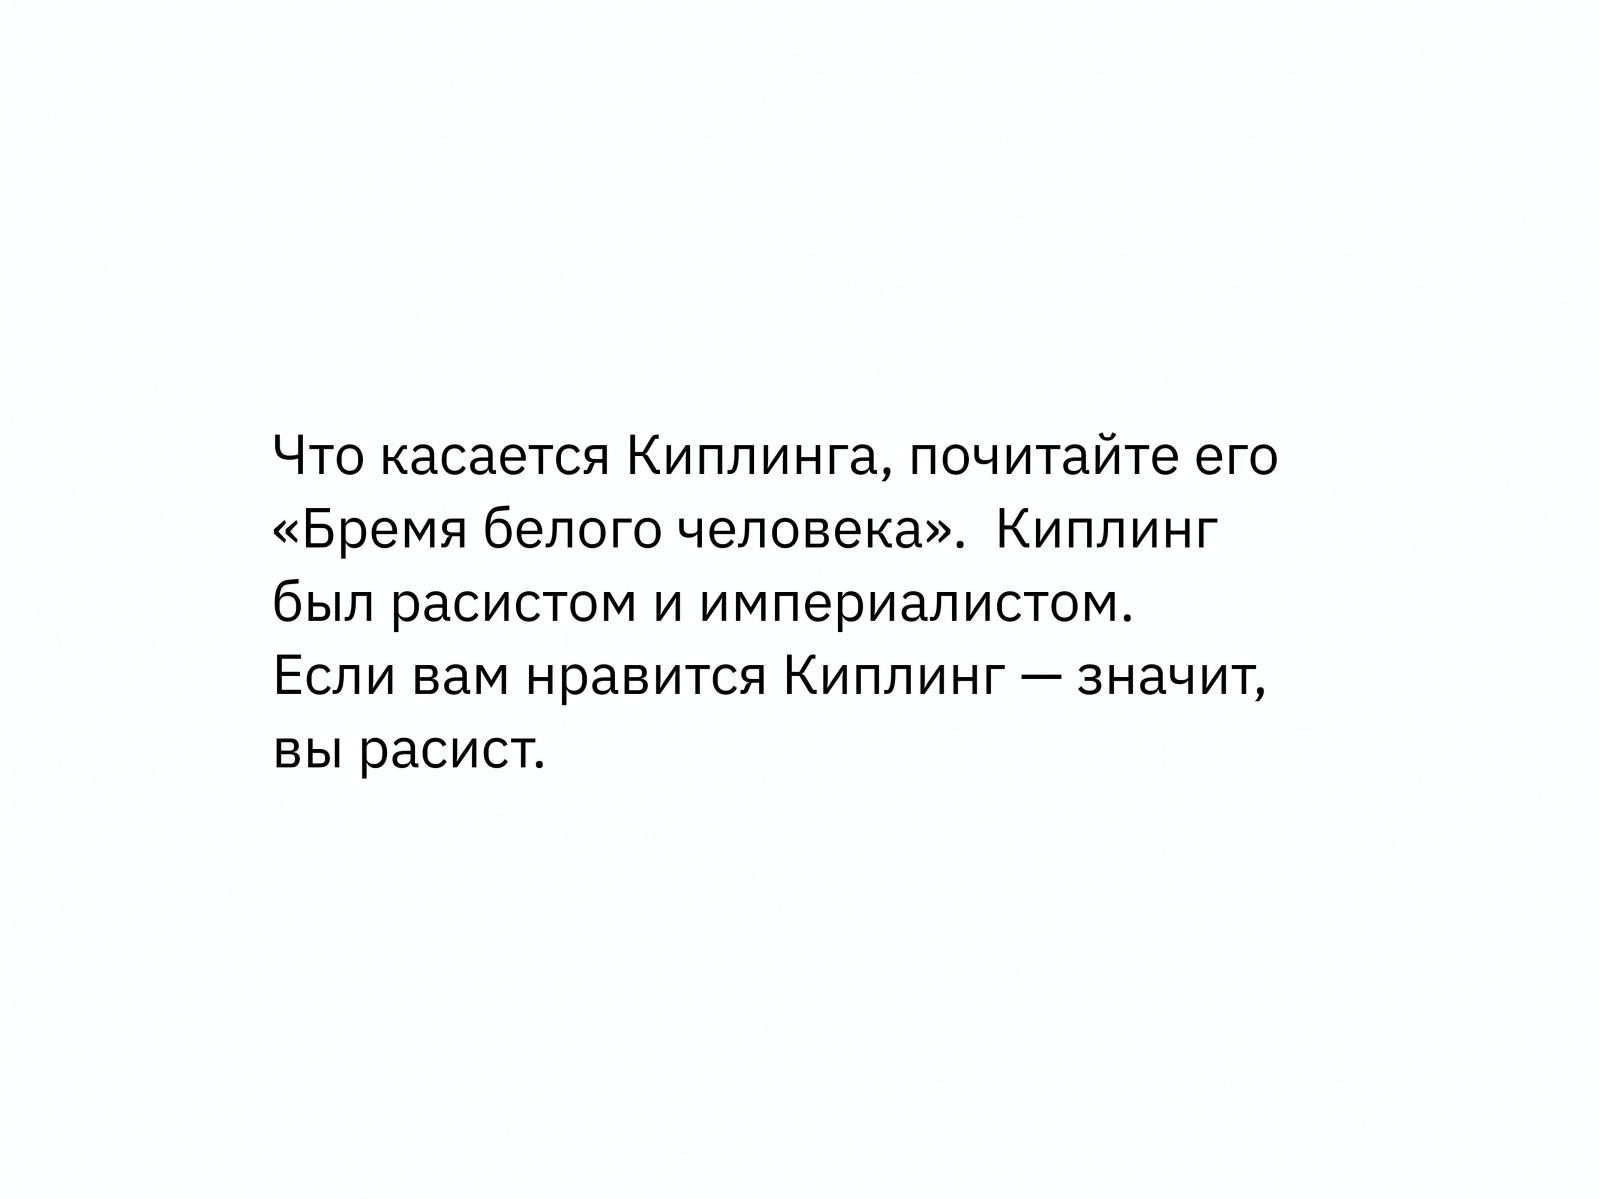 Алексей Каптерев: Критическое мышление 101 (часть 2) - 22